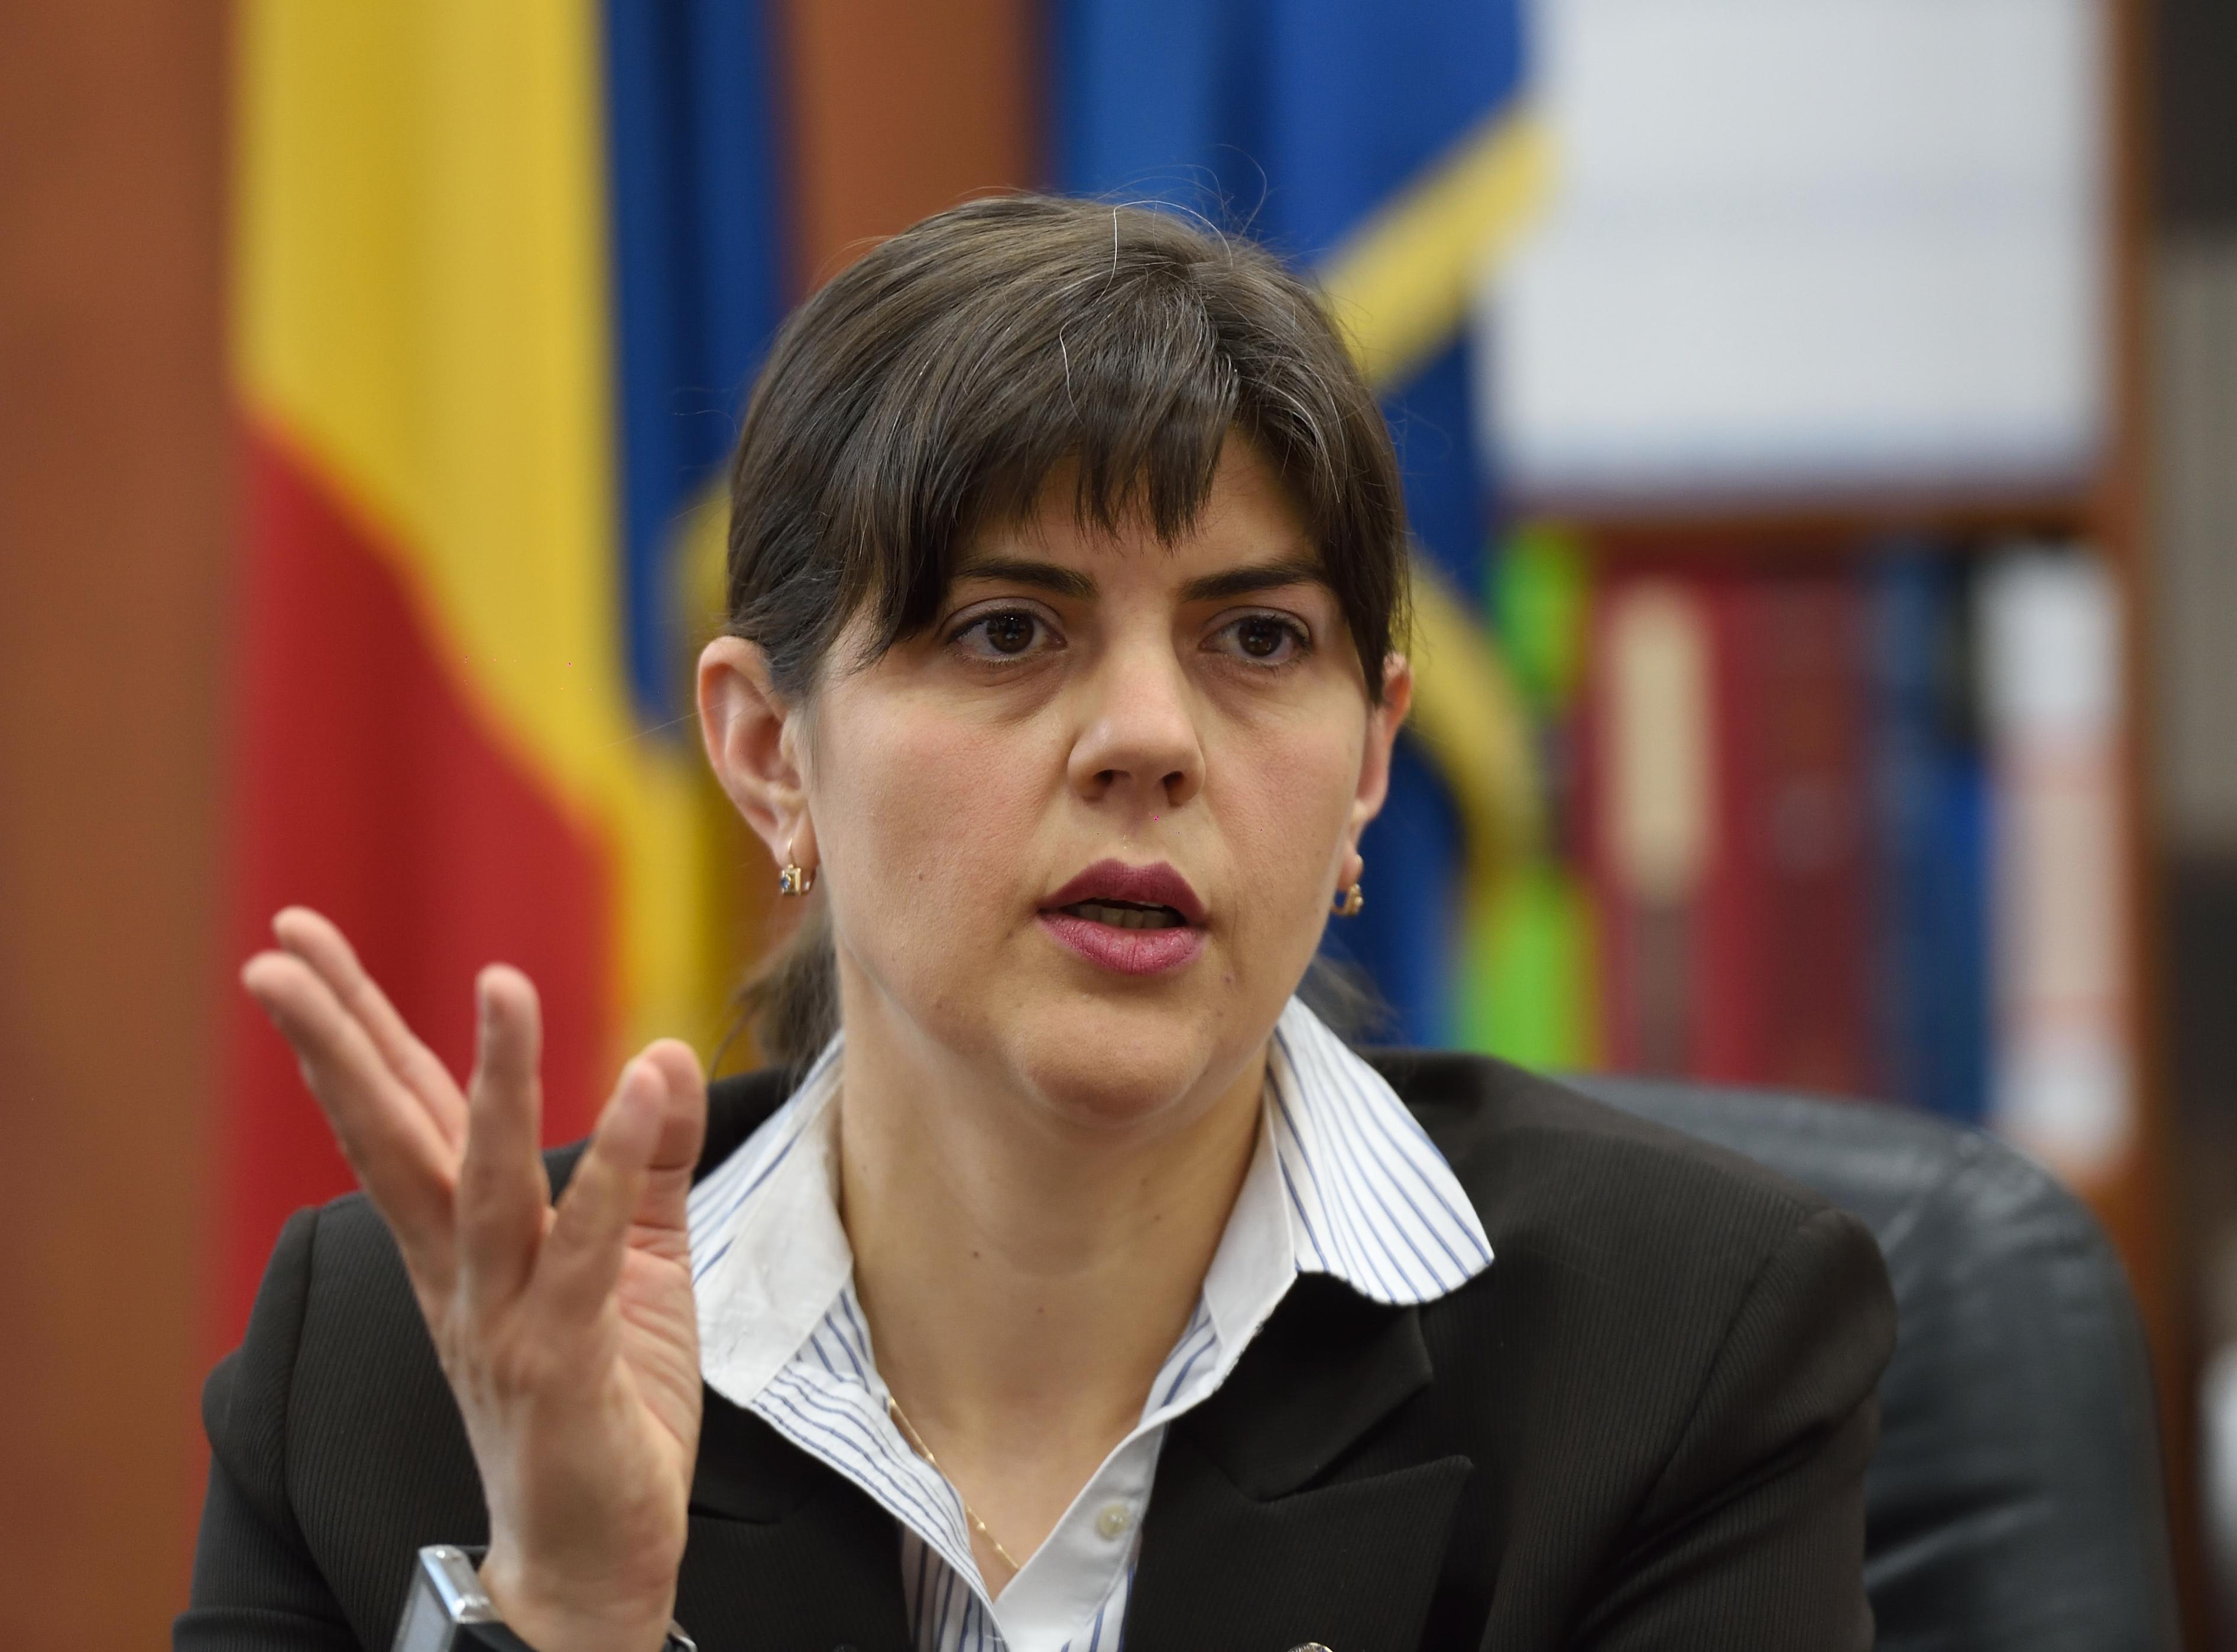 Hivatalosan is eldőlt, Laura Codruta Kövesi lesz az EU első főügyésze